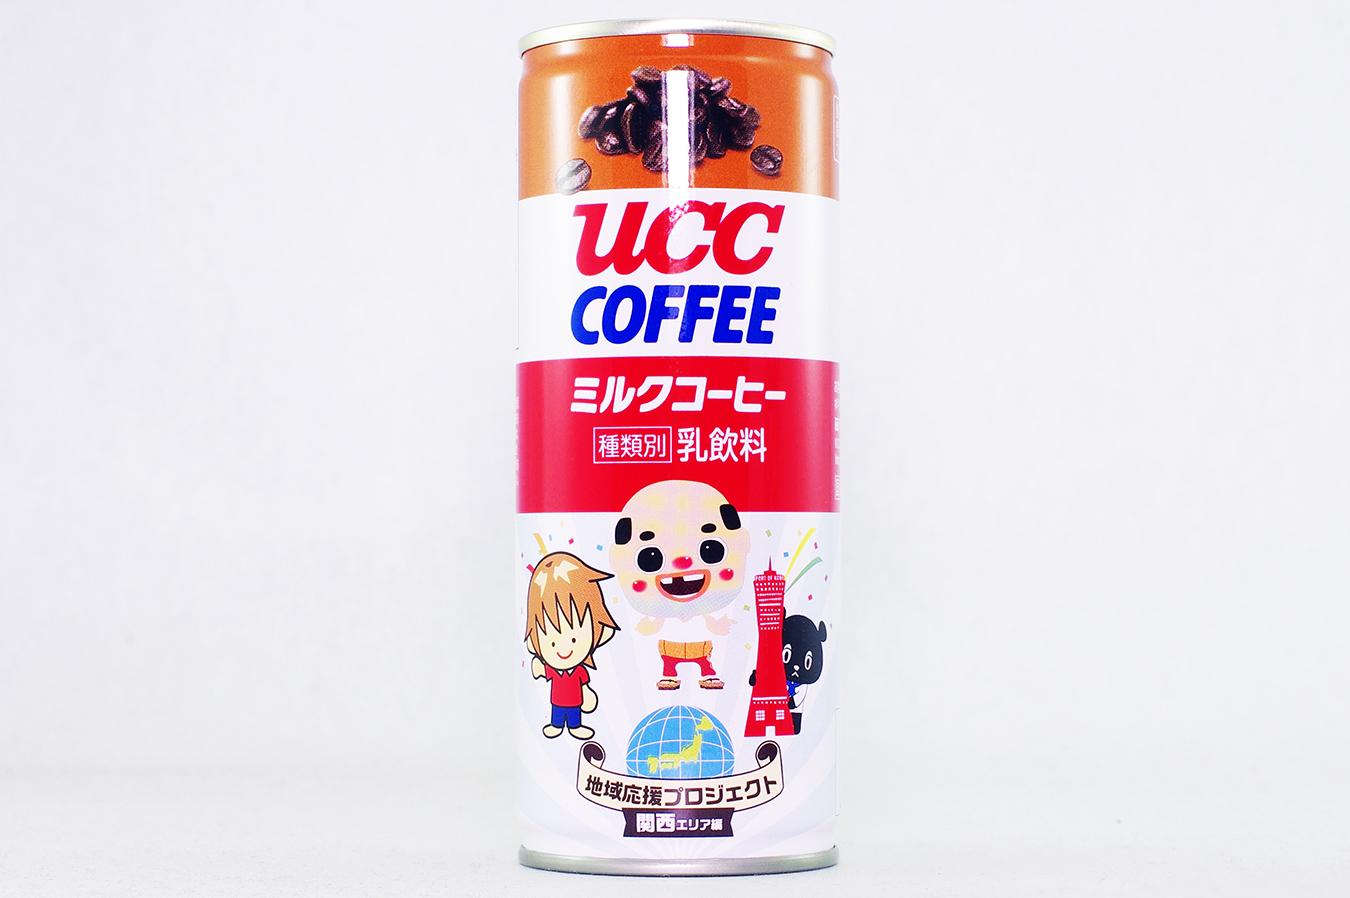 UCC ミルクコーヒー ご当地キャラ缶 関西エリア編 2018年9月